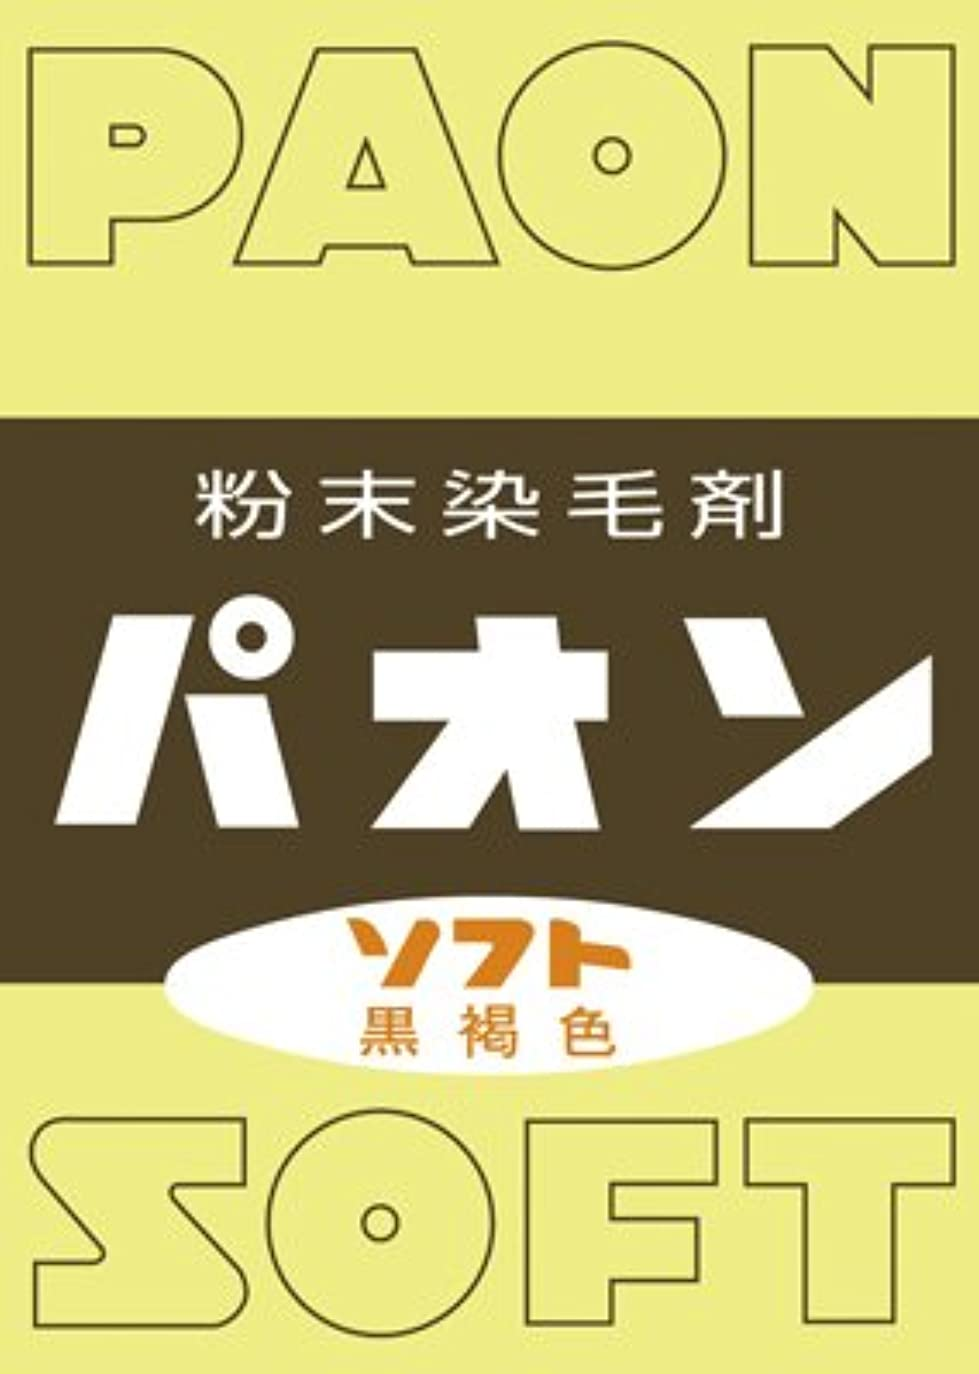 【10個セット】パオン ソフト(6g)×10個セット